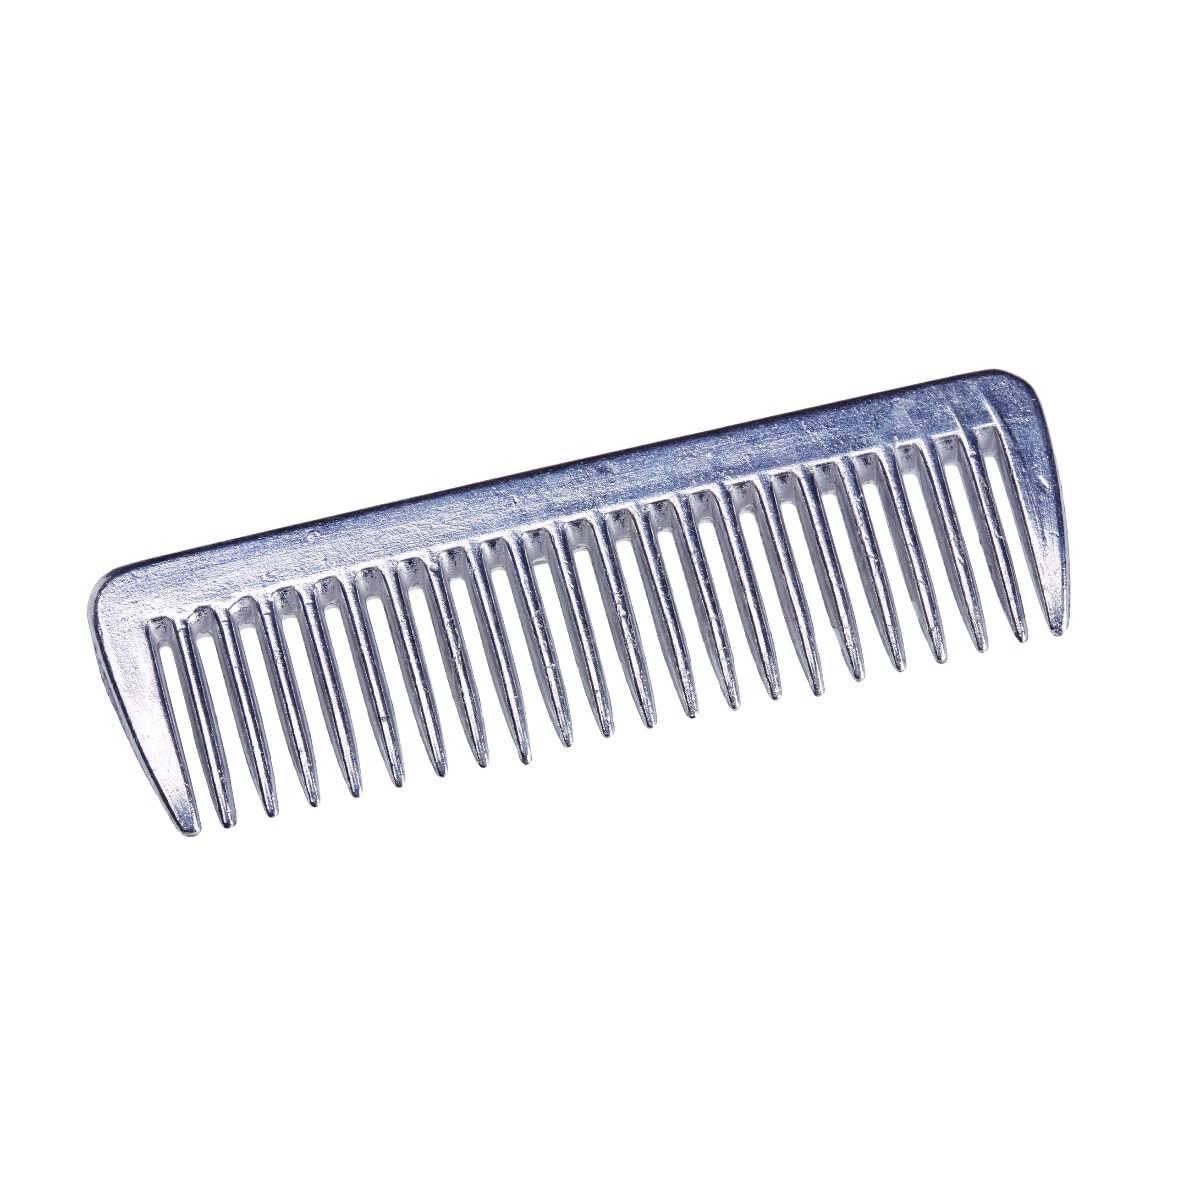 Cottage Craft Aluminium Pulling Grooming Comb